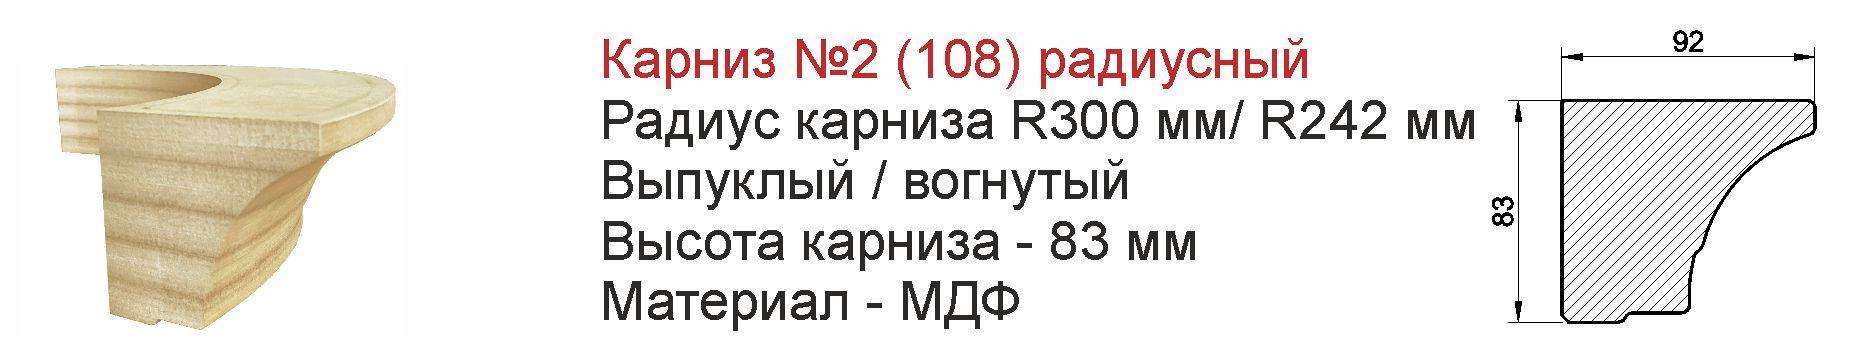 Карниз радиусный для кухонной мебели №2 (108) из МДФ